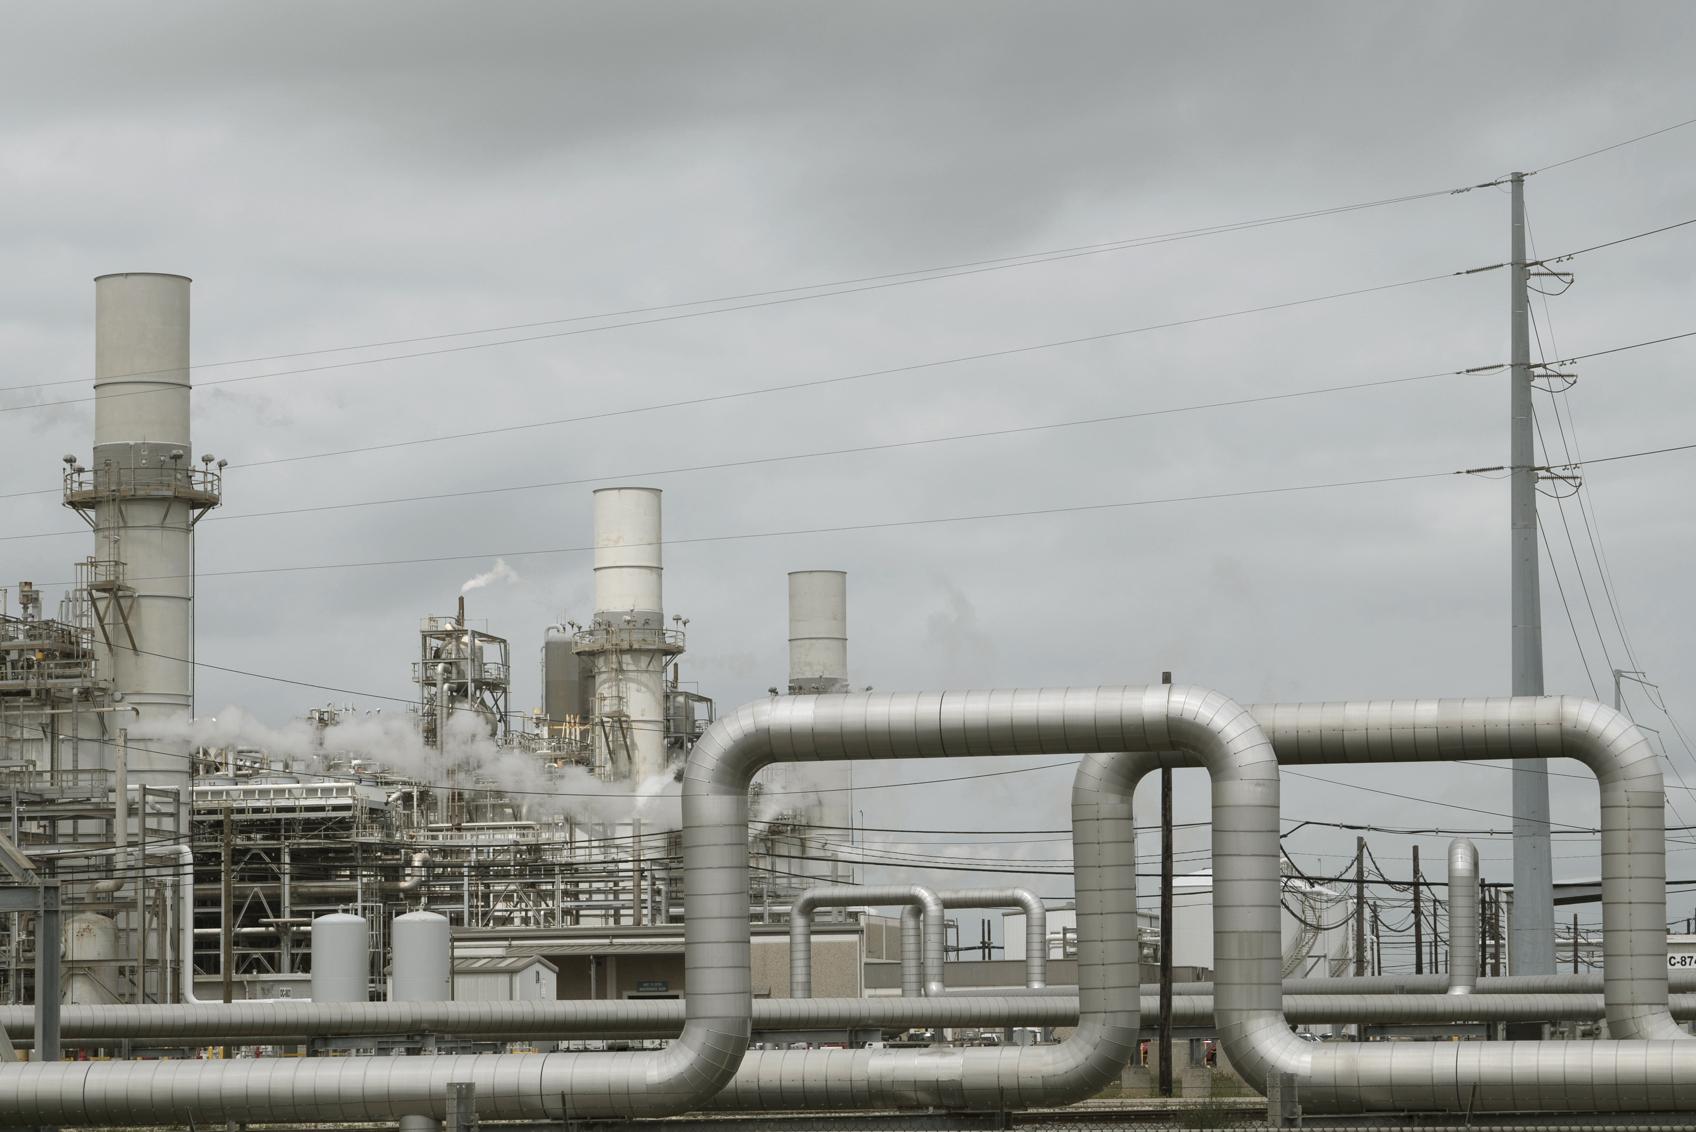 Chemical plant near Freeport, Texas.